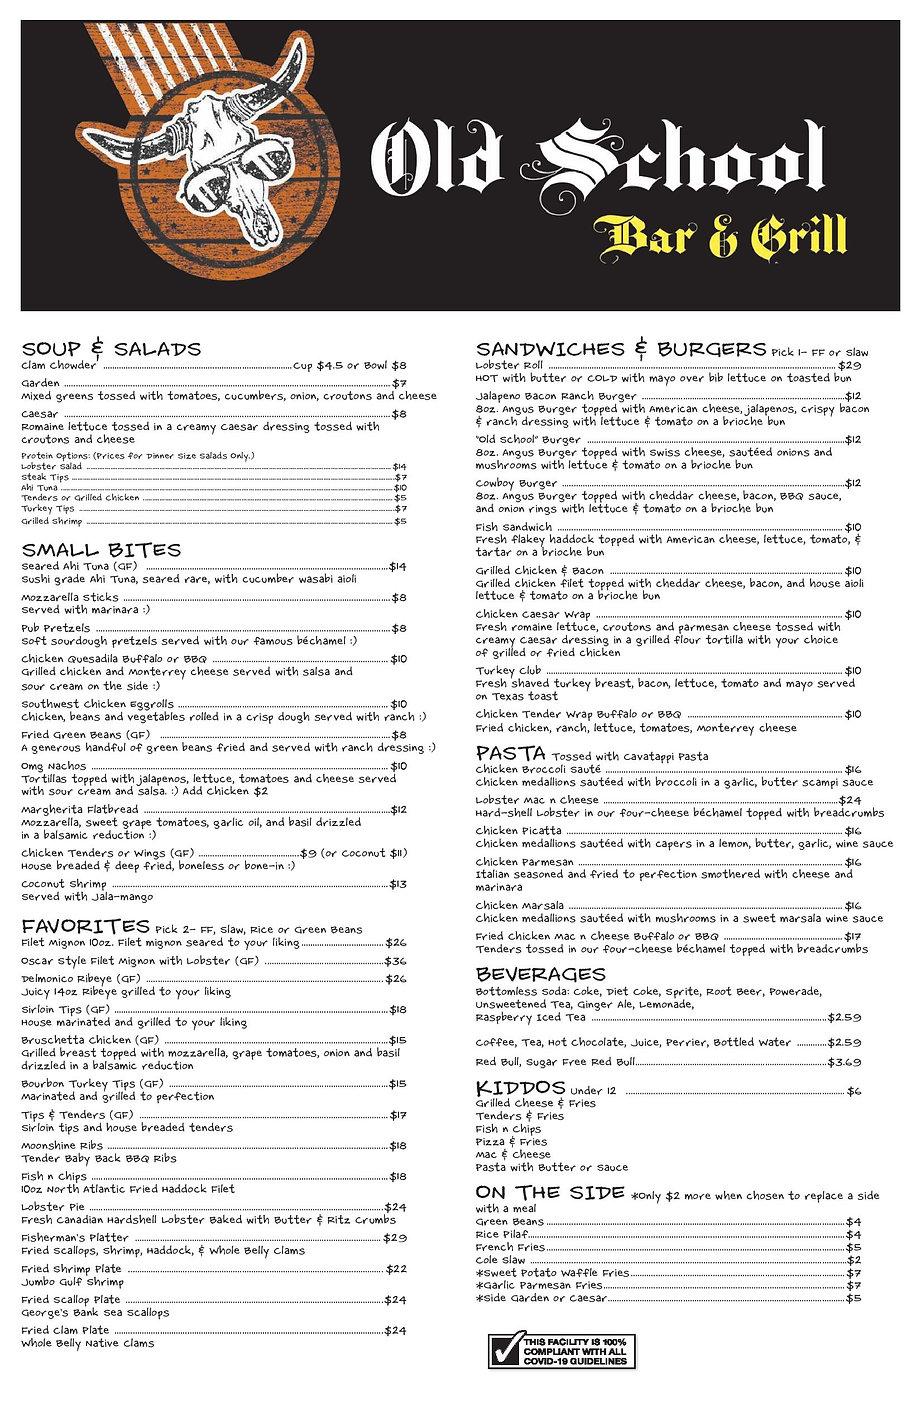 august 27 menu-page-001.jpg